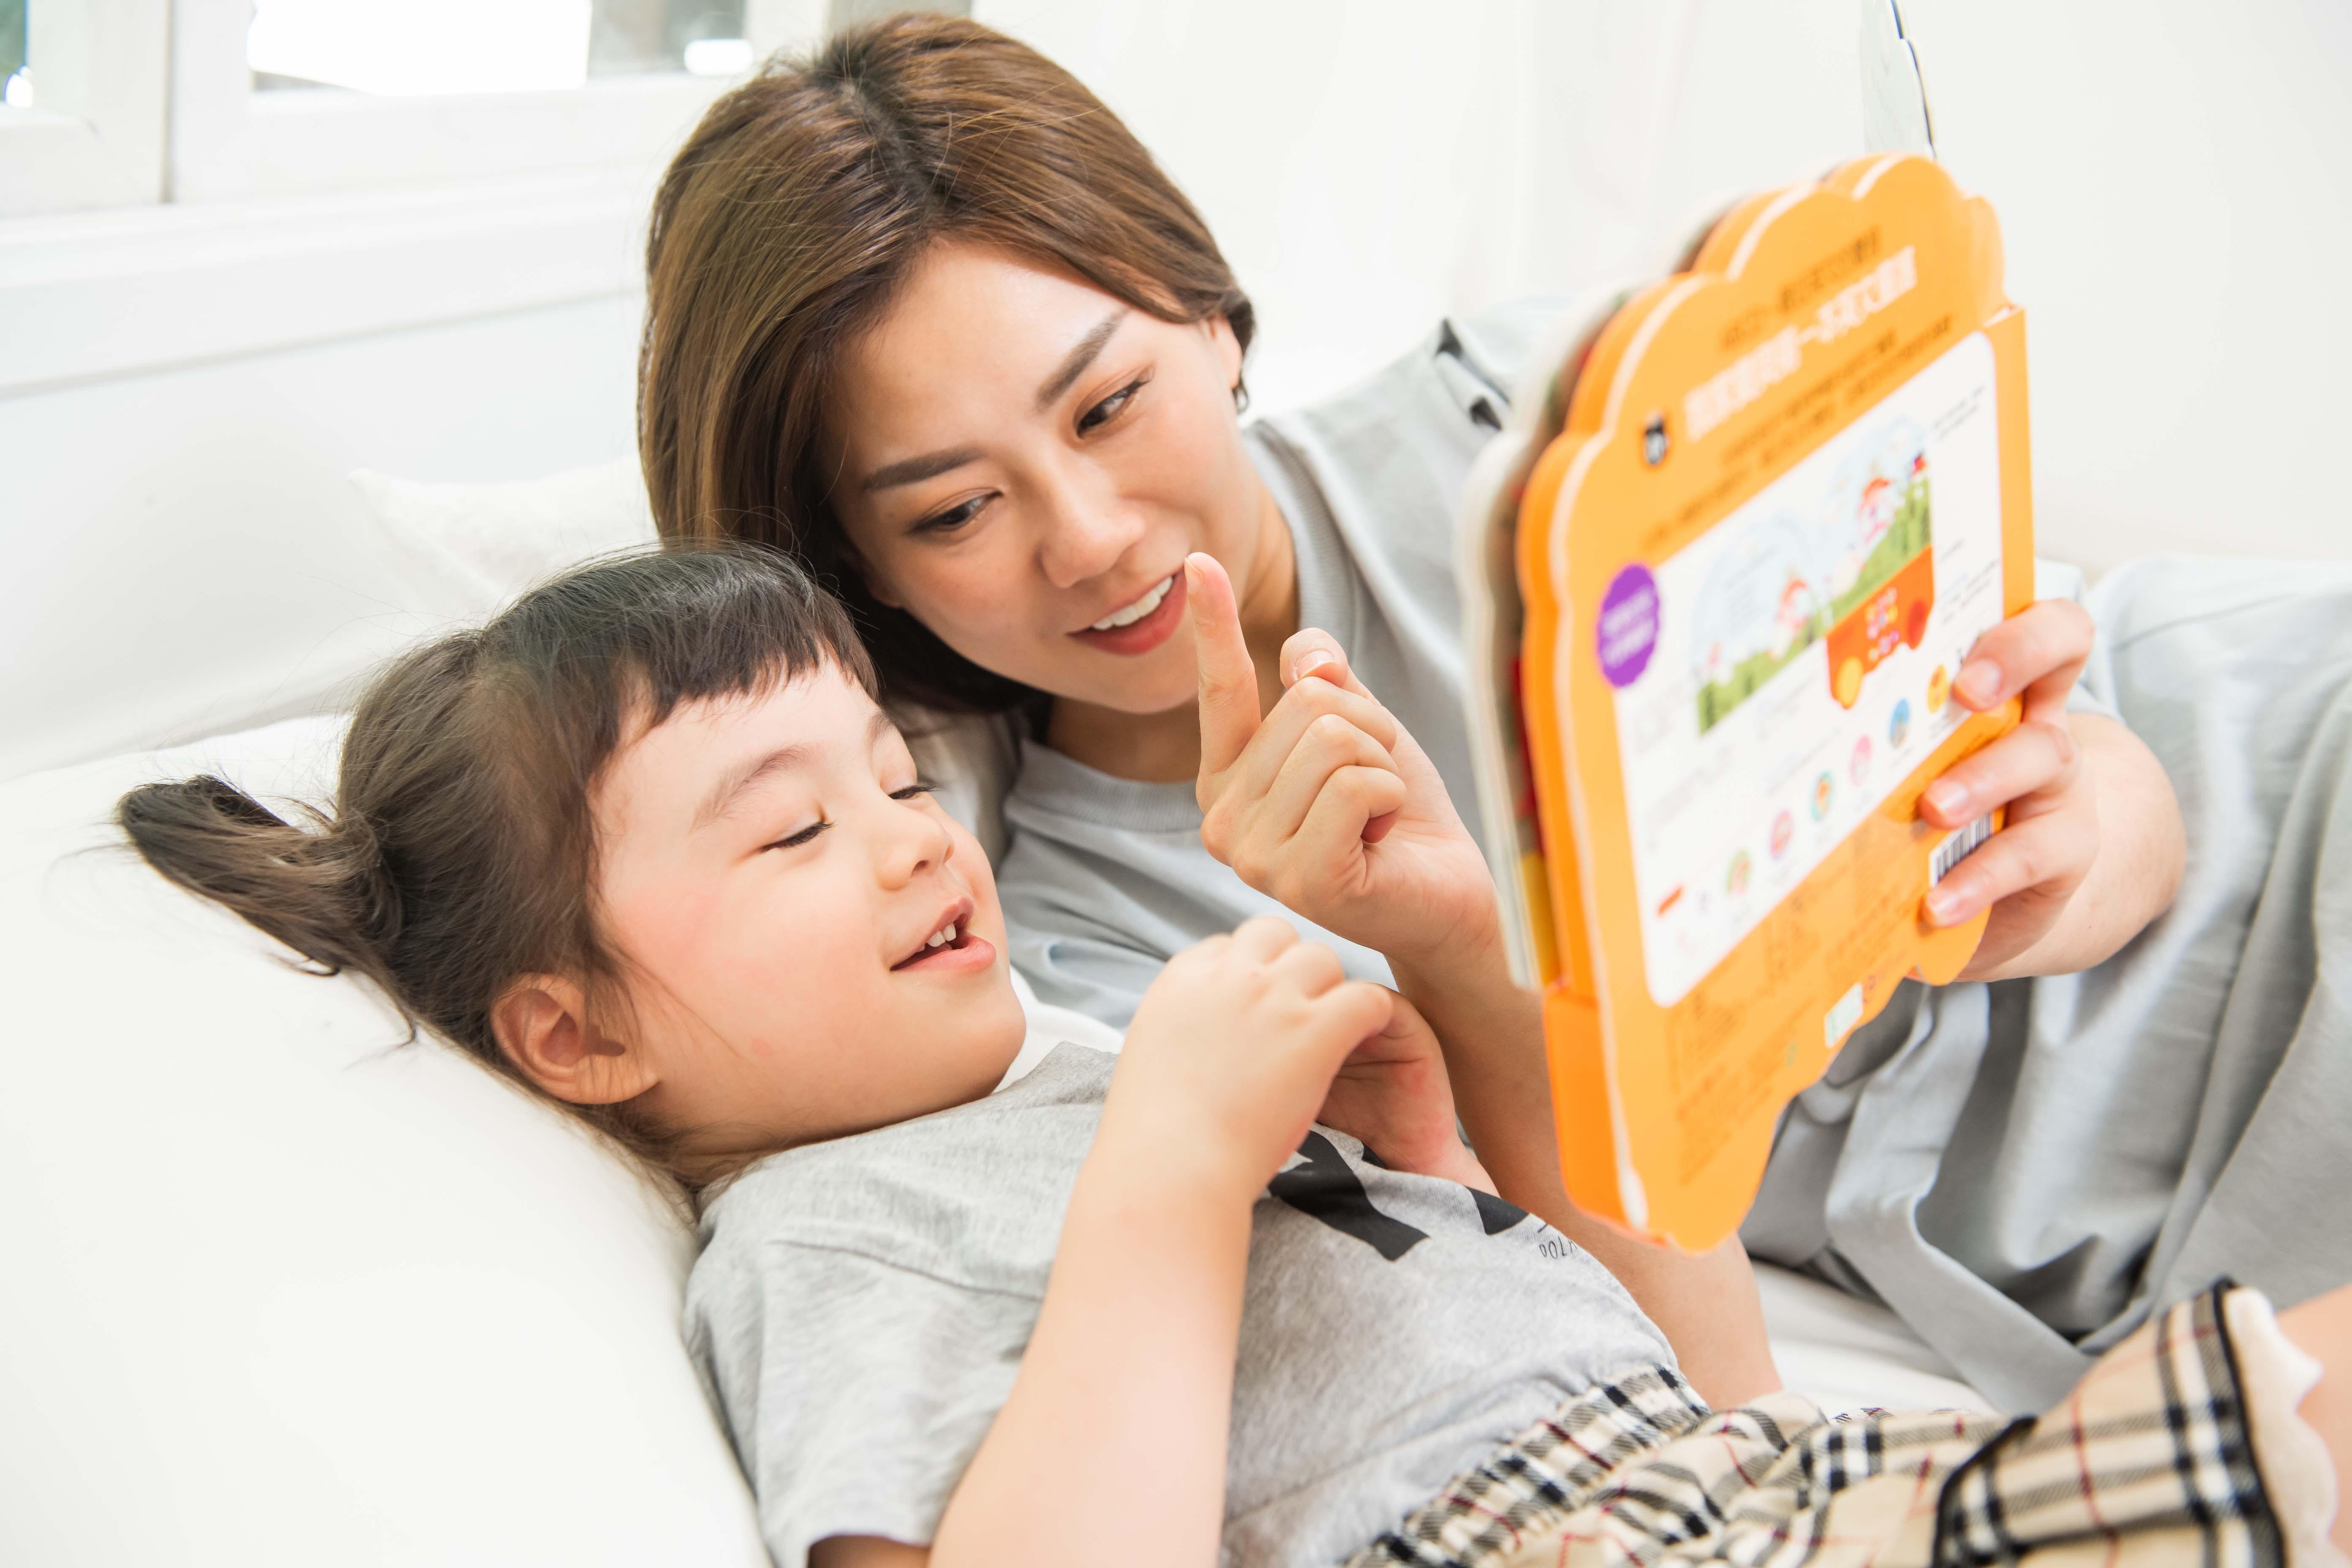 孩子的學習成效其實他們自己心知肚明,父母要協助孩子誠實面對自己的學習態度和績效。